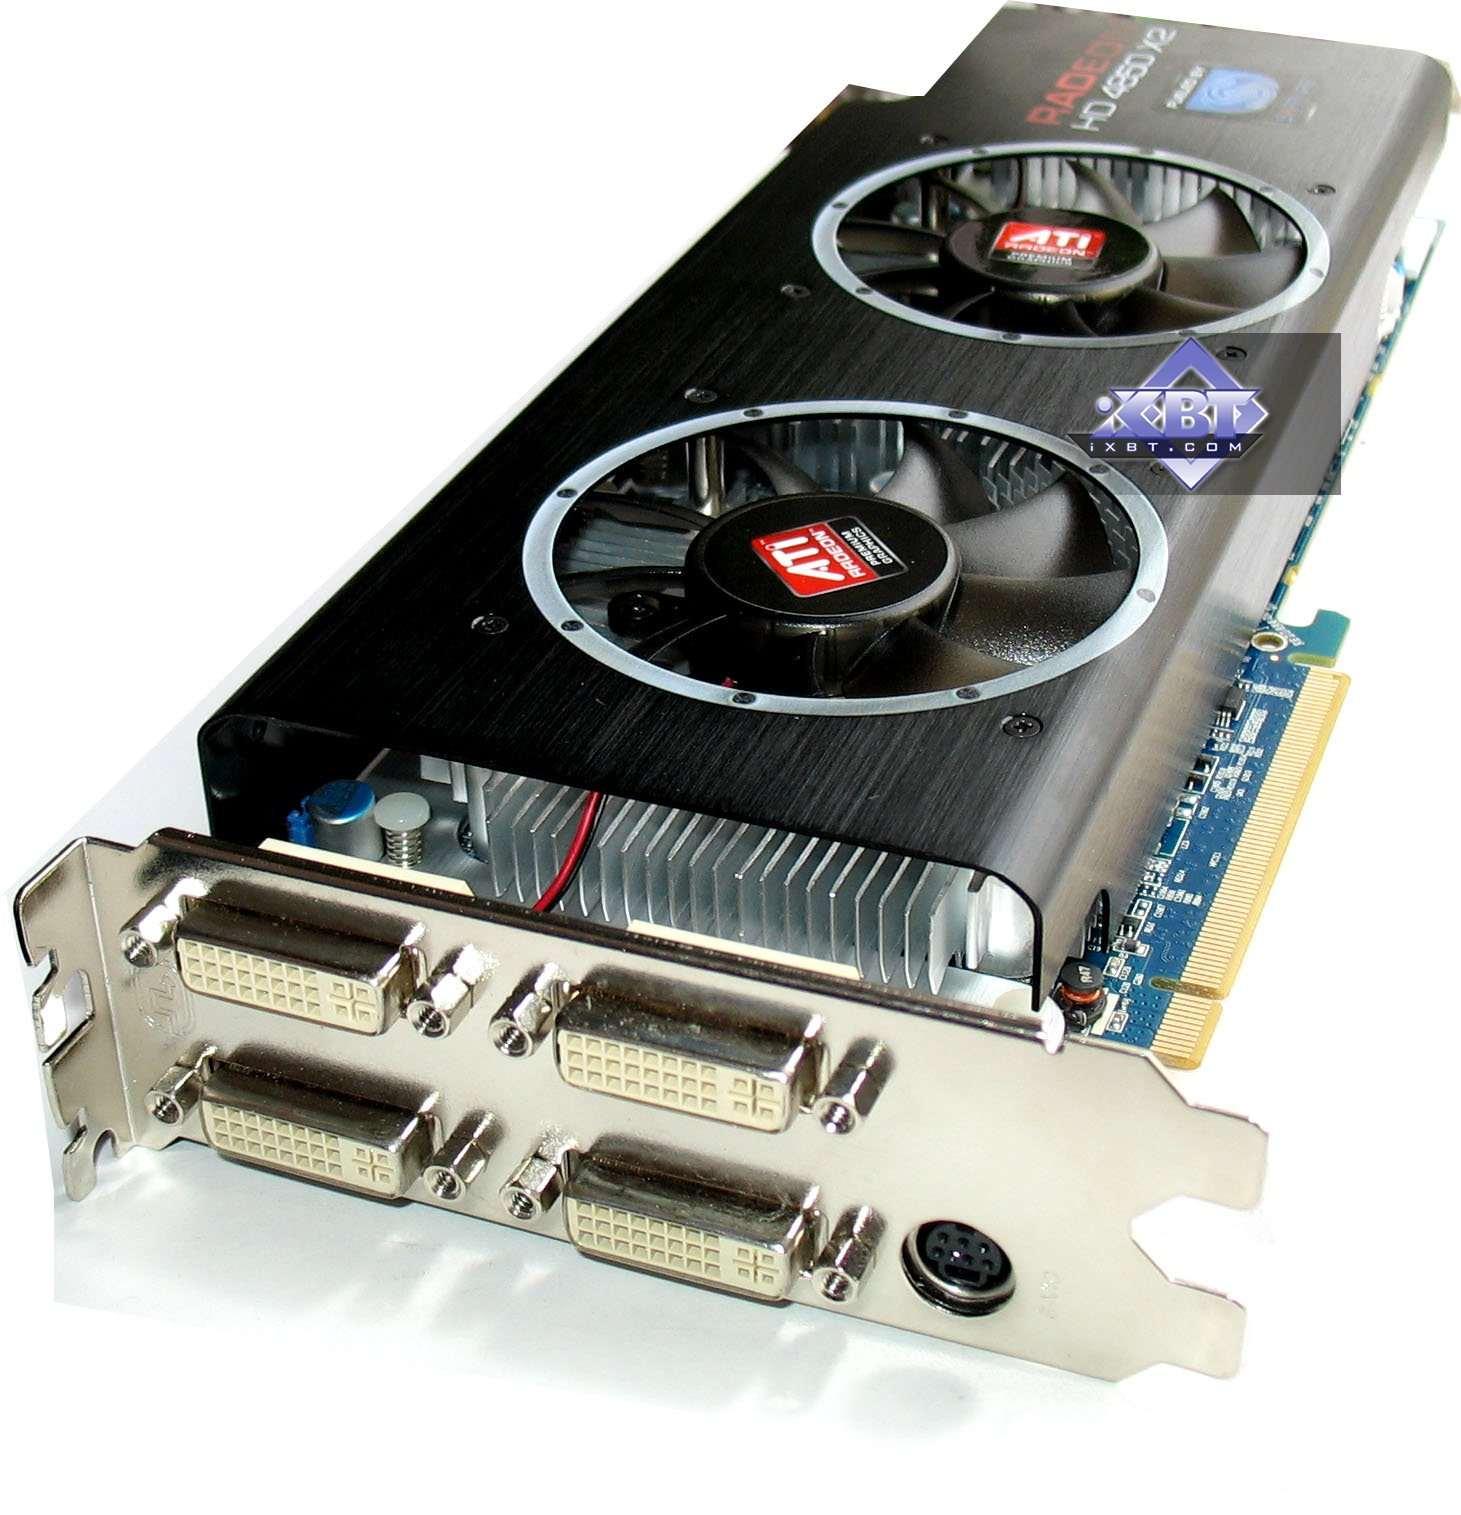 ATI Radeon HD 4850 X2 Catalyst Drivers Download Free